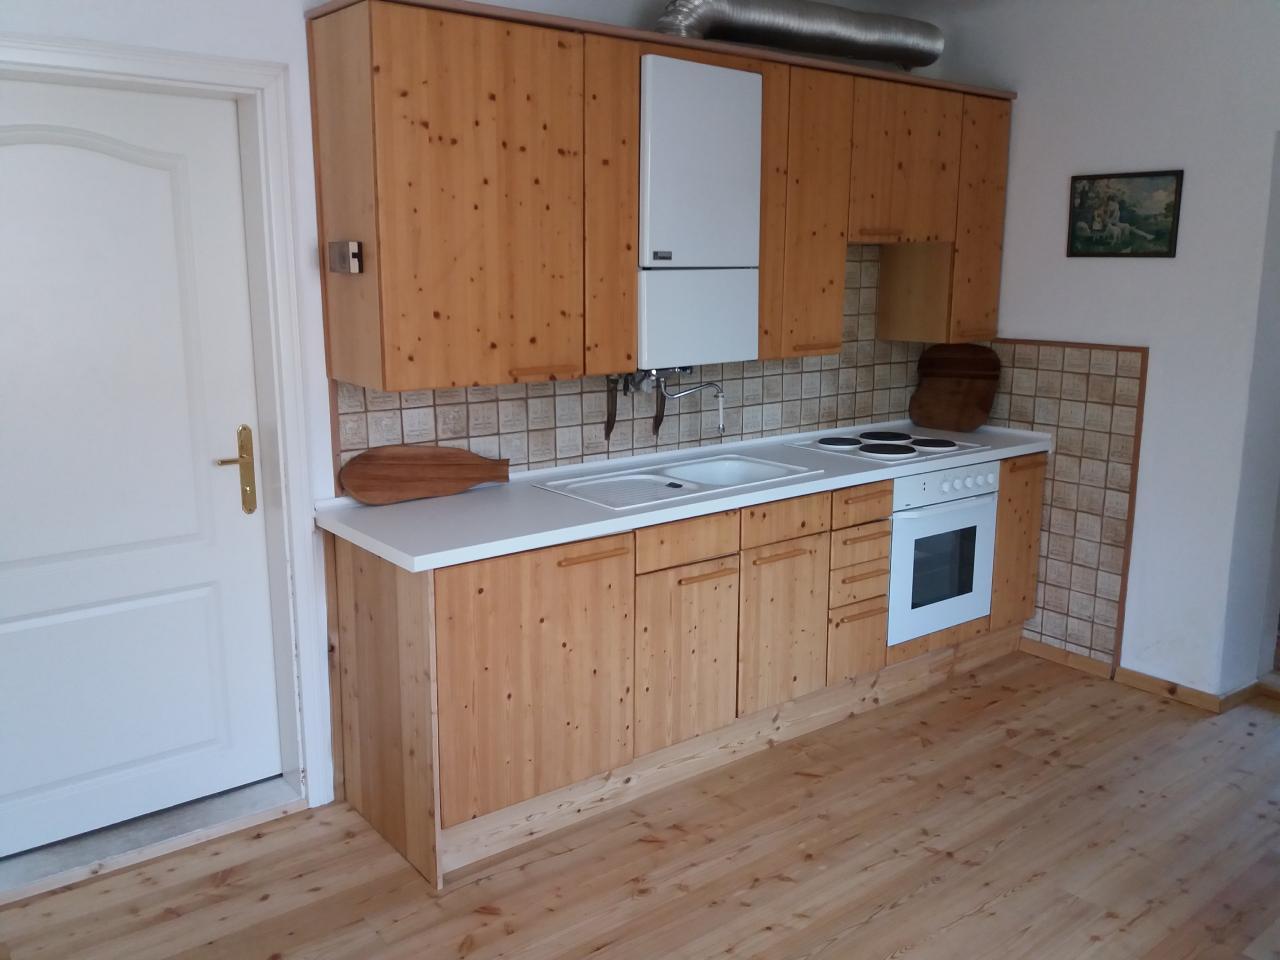 Maison de vacances Hauskirchen 30 Minuten vor Wien (2423579), Hauskirchen, Weinviertel, Basse Autriche, Autriche, image 12